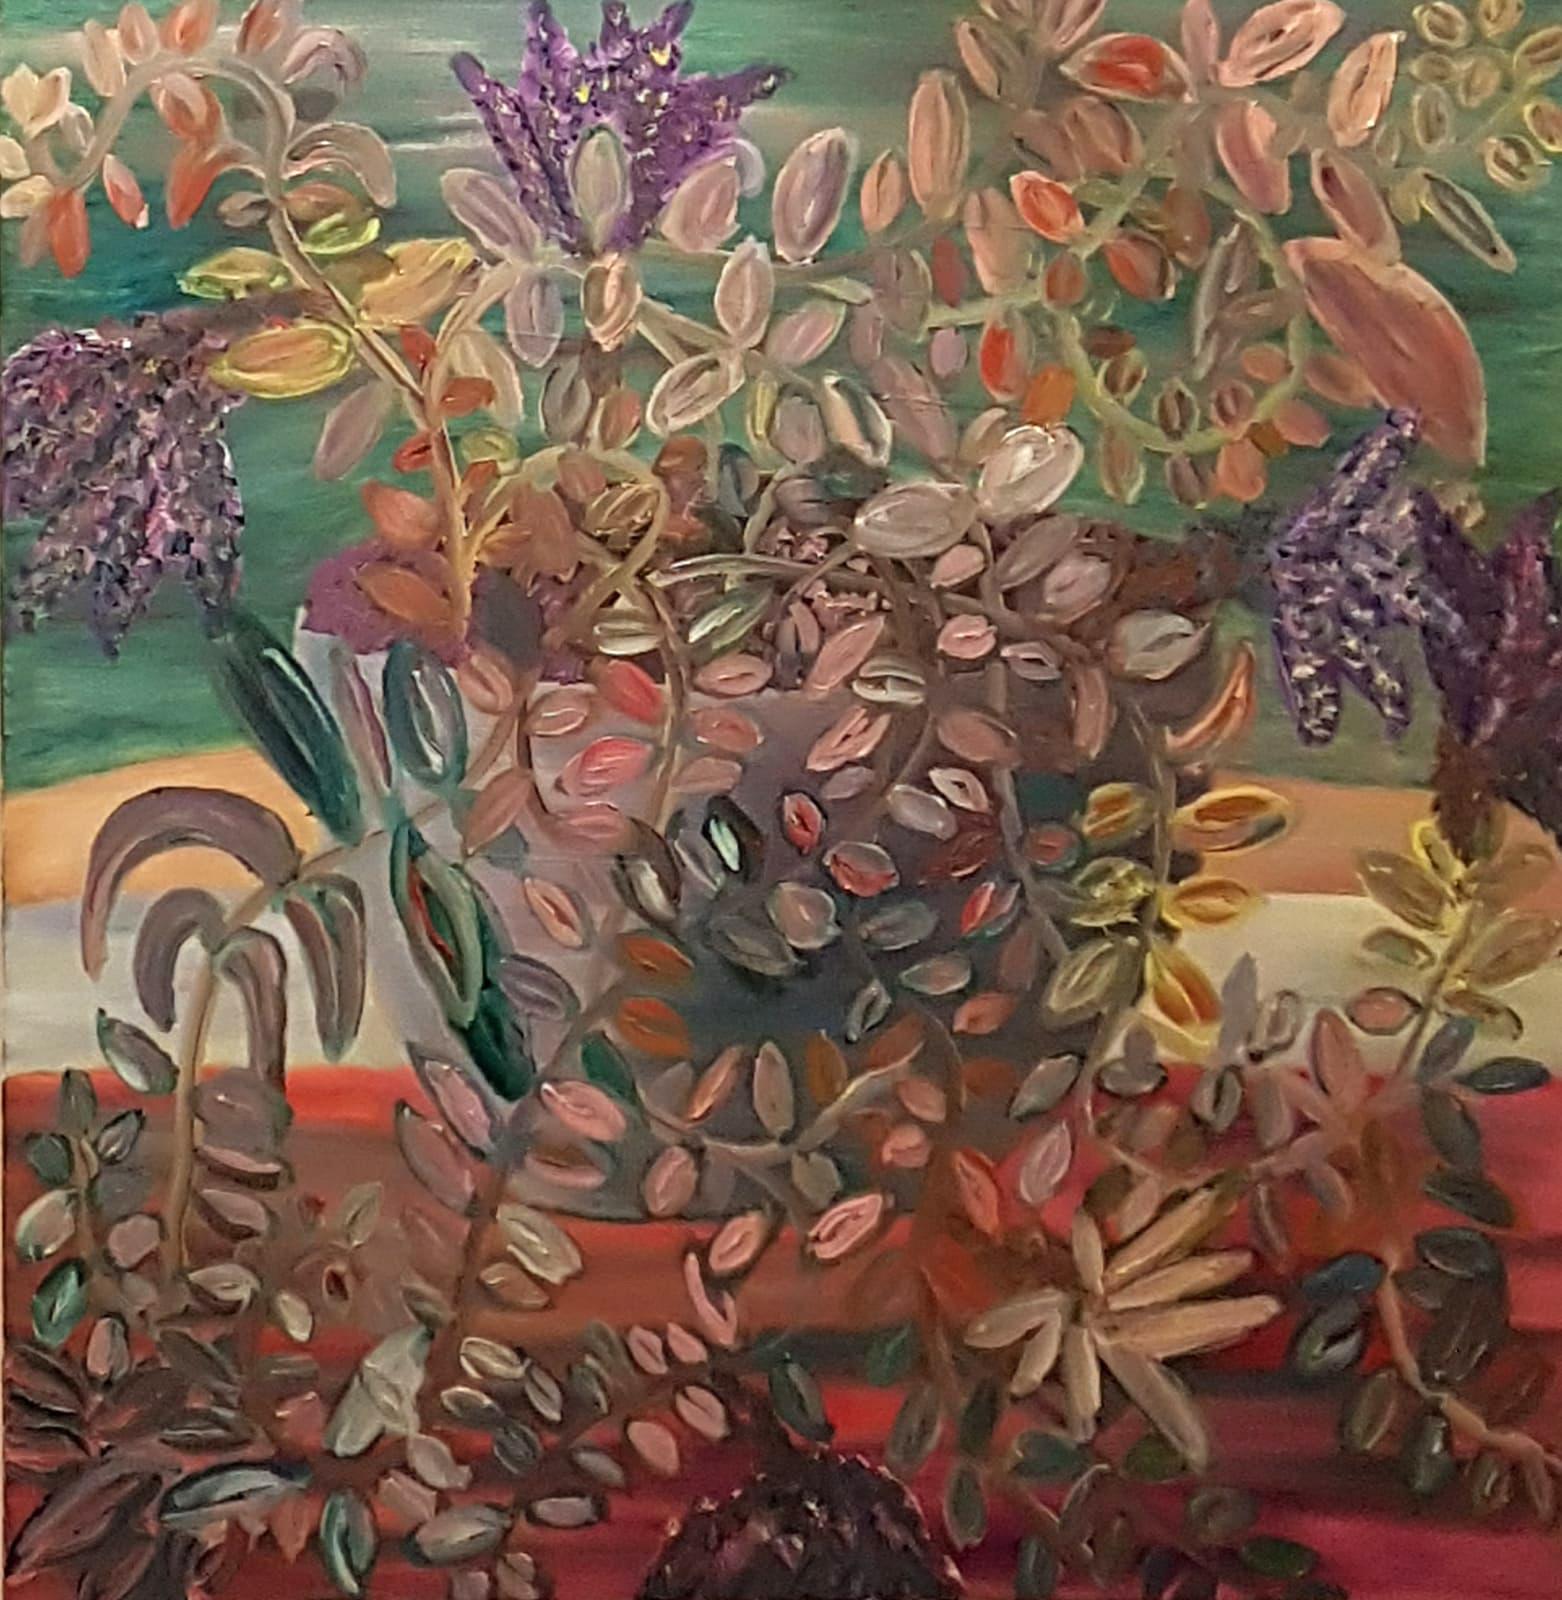 Dondi Schwartz, Wig-wag, oil on canvas, 100x100 cm